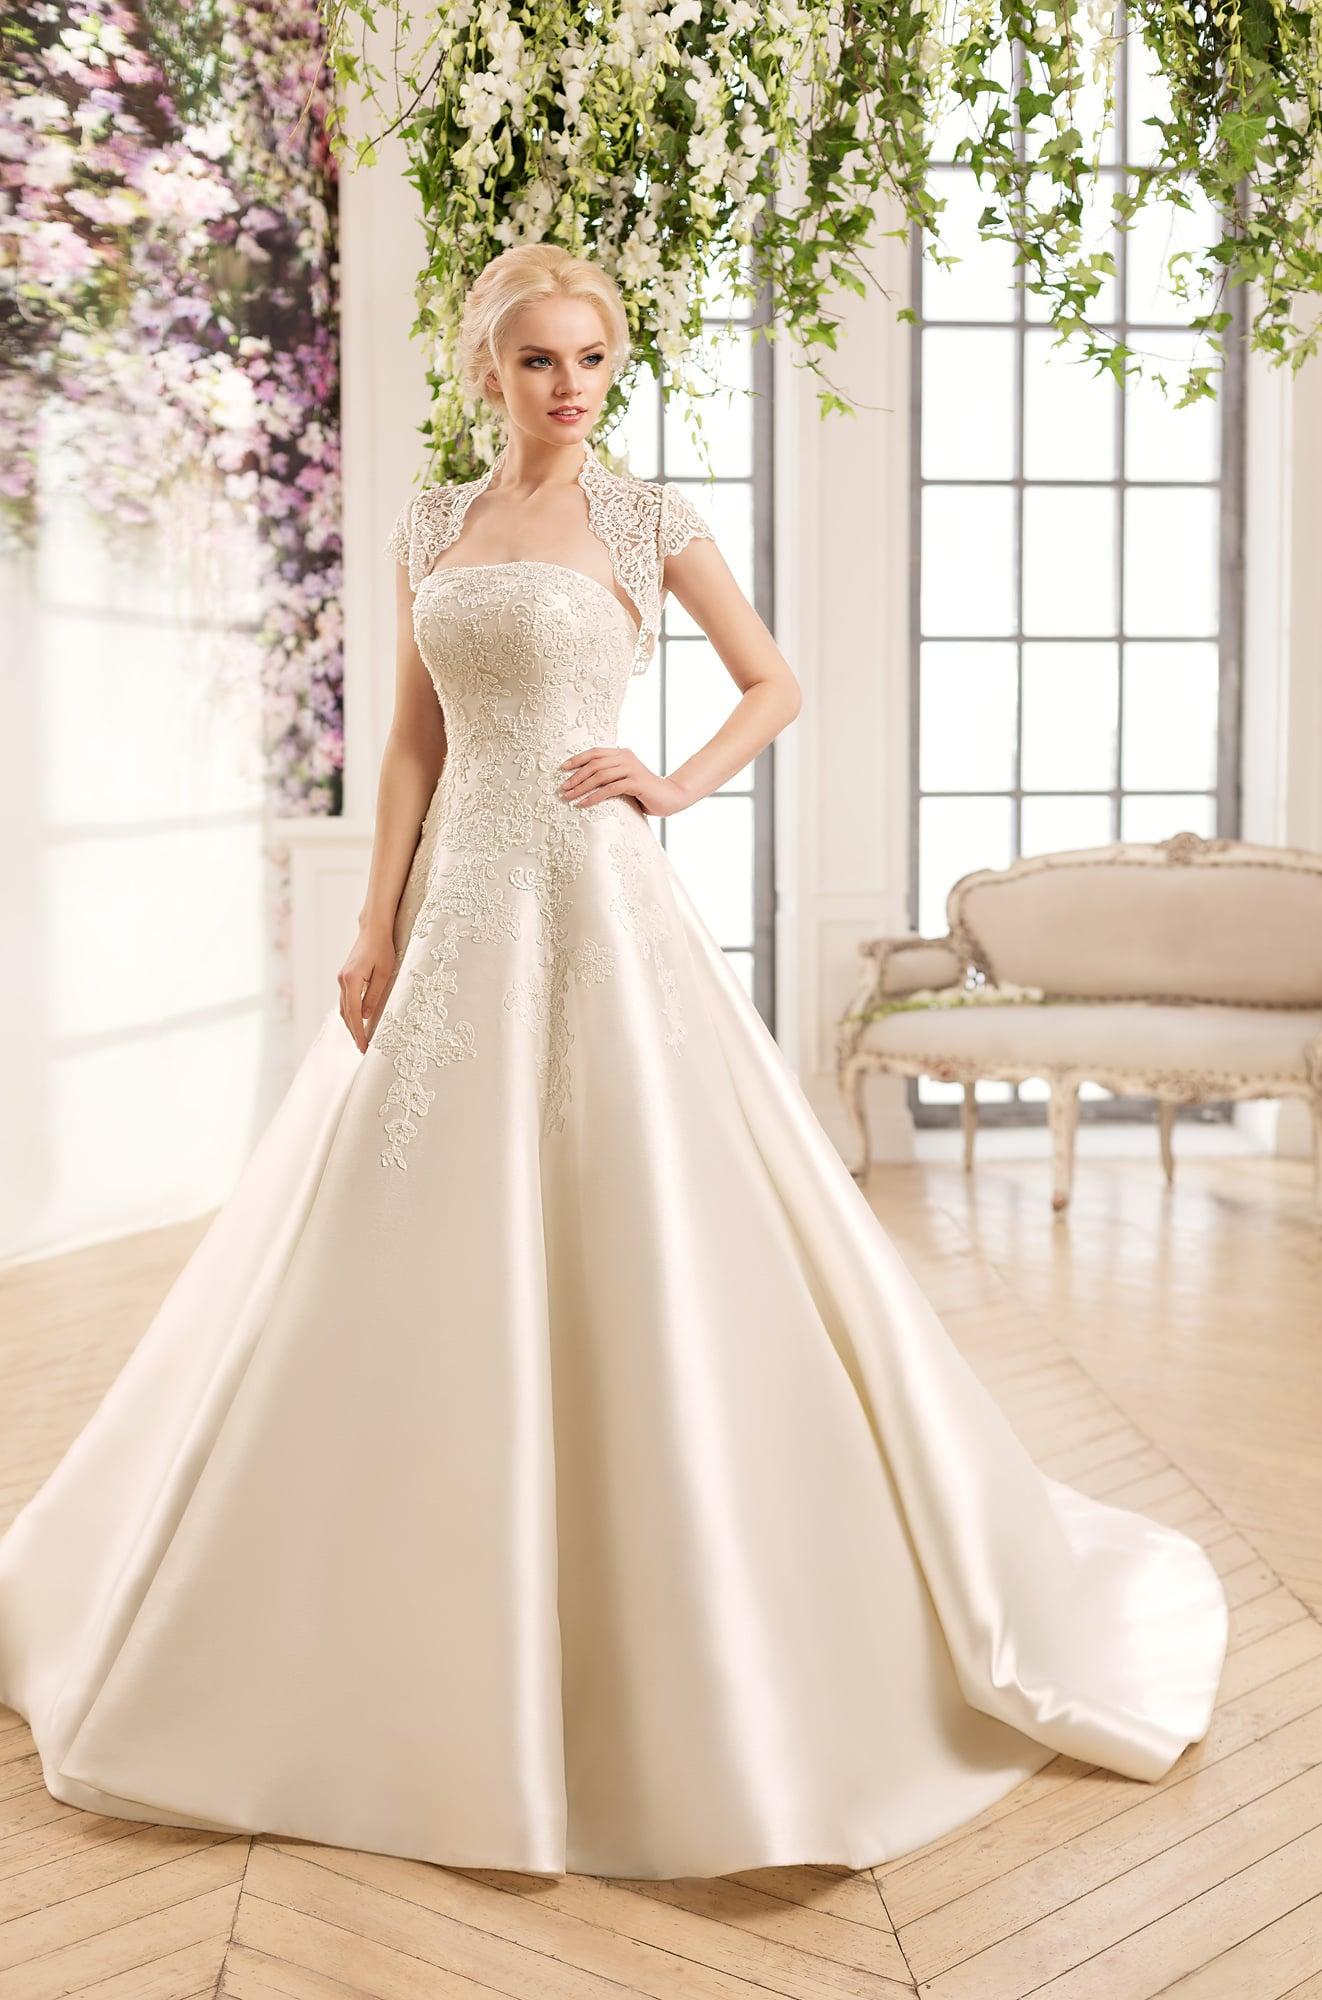 Болеро для свадебного платья купить в москве